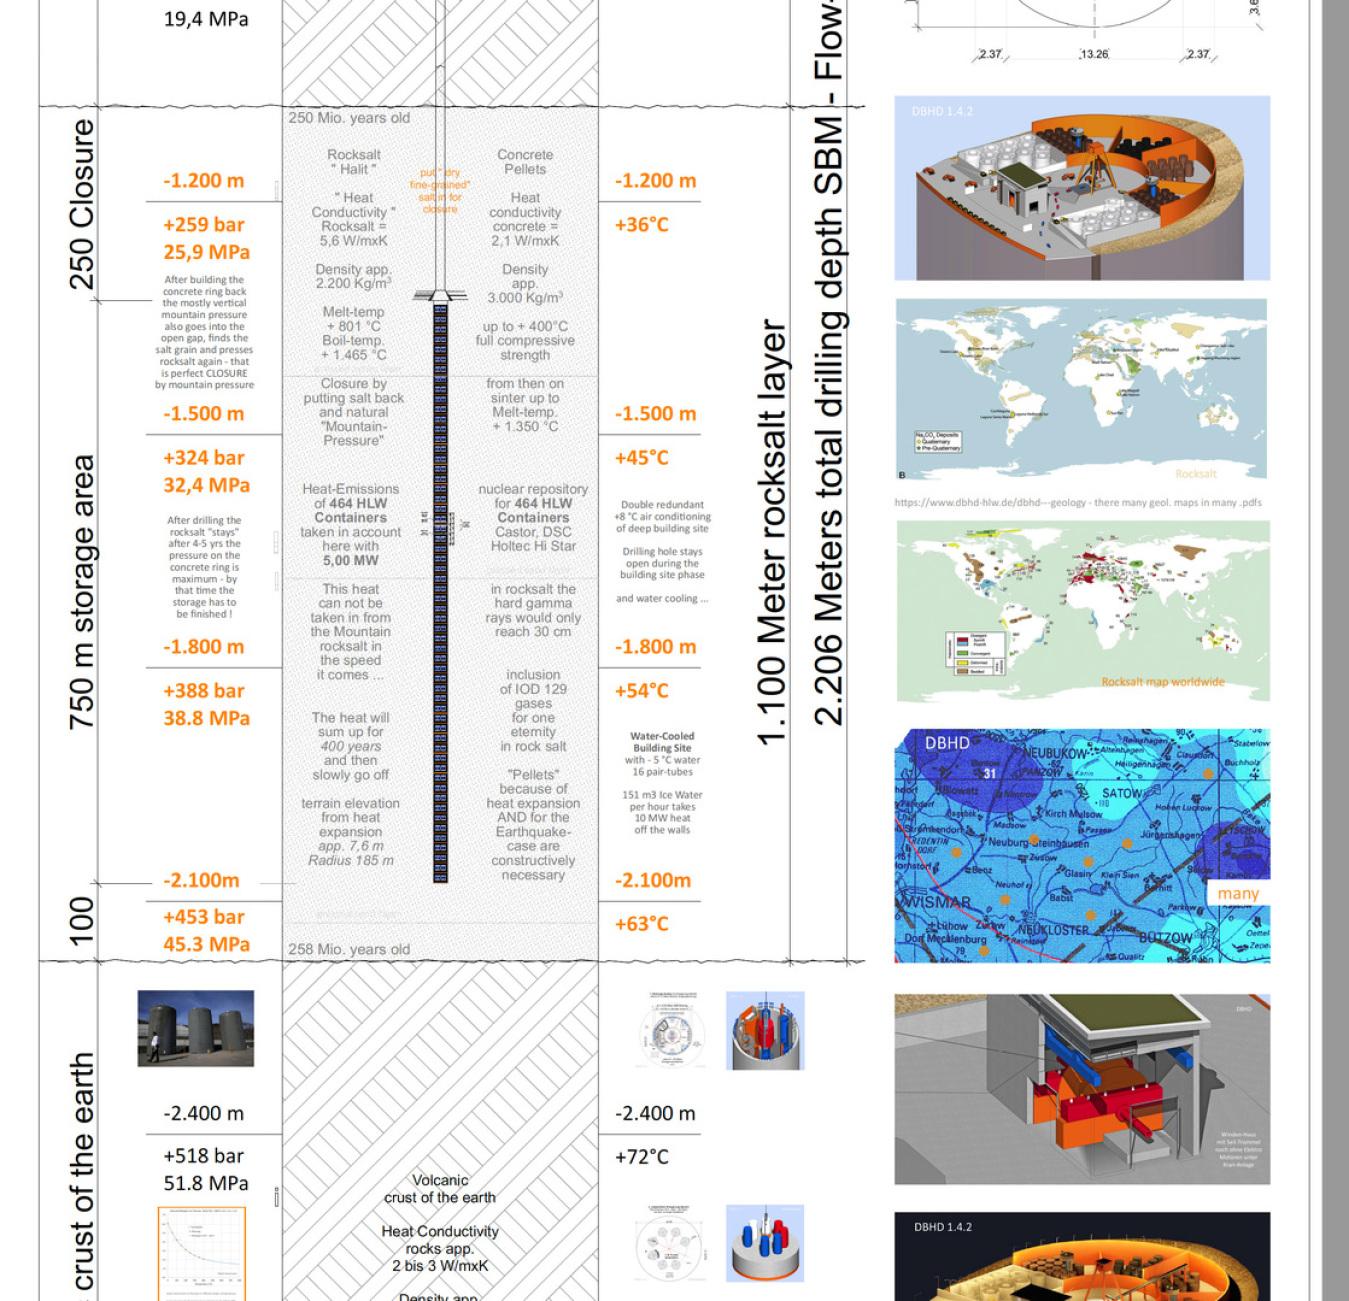 Diese Zeichnung müssen Sie erst verstanden haben bevor Sie die Ausführungs-Planung anschauen Endlager DBHD Entwurf